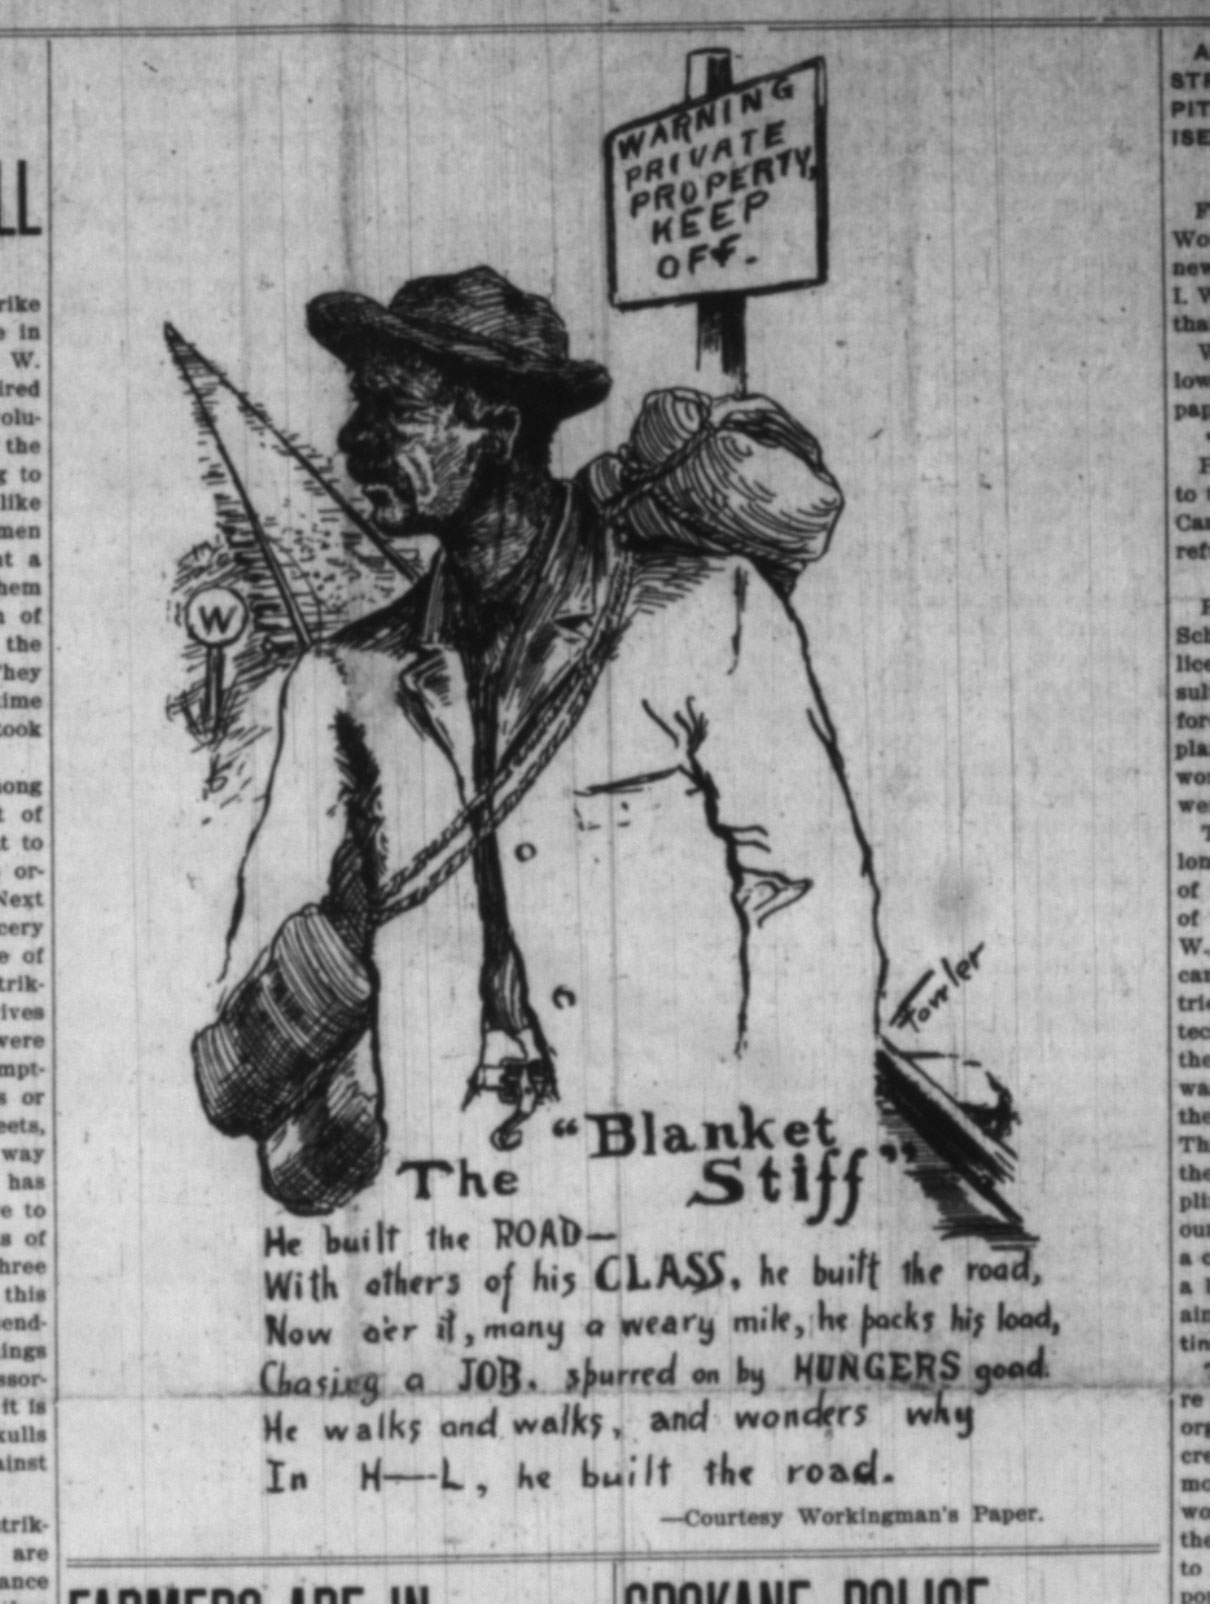 IWW Cartoon: The Blanket Stiff